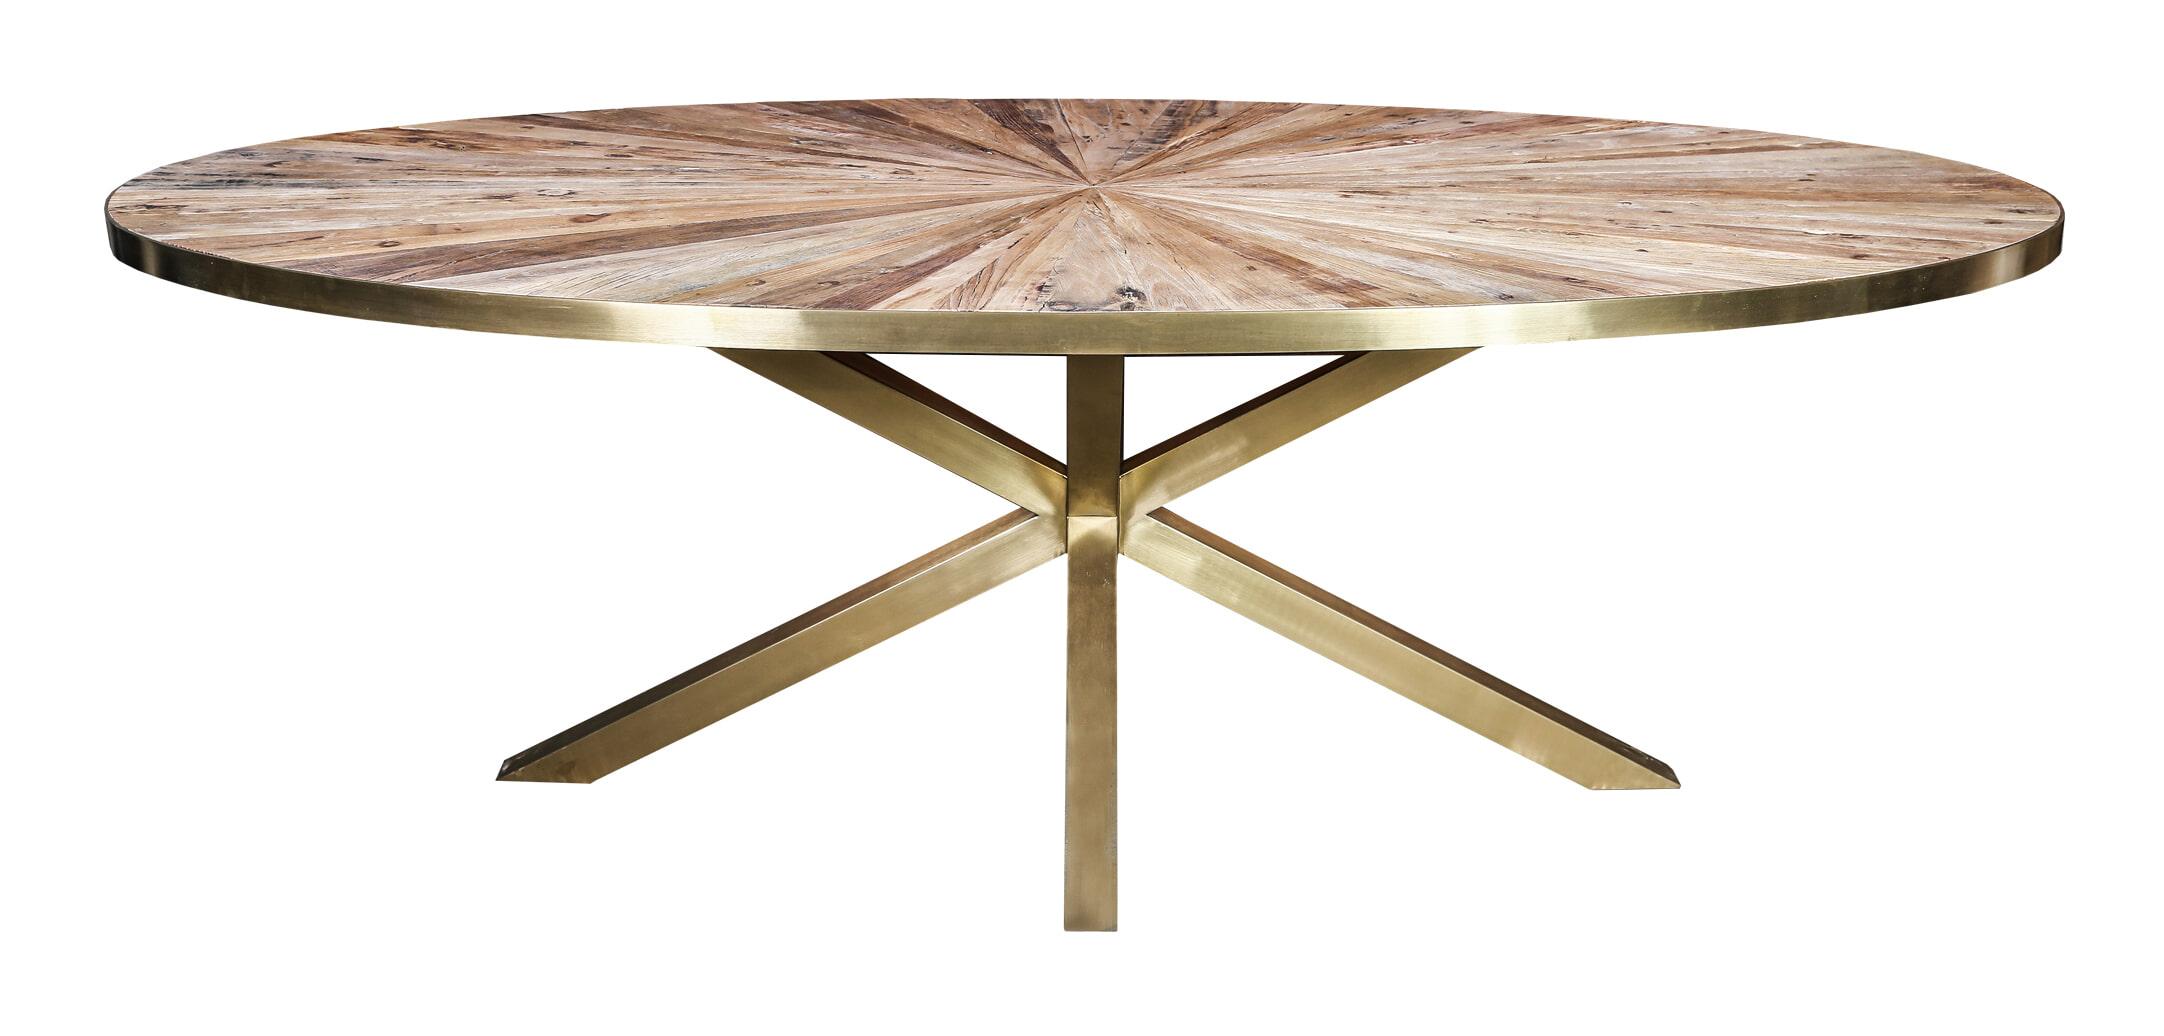 PTMD Ovale Eettafel 'Cleme' 220 x 110.5cm, kleur Goud